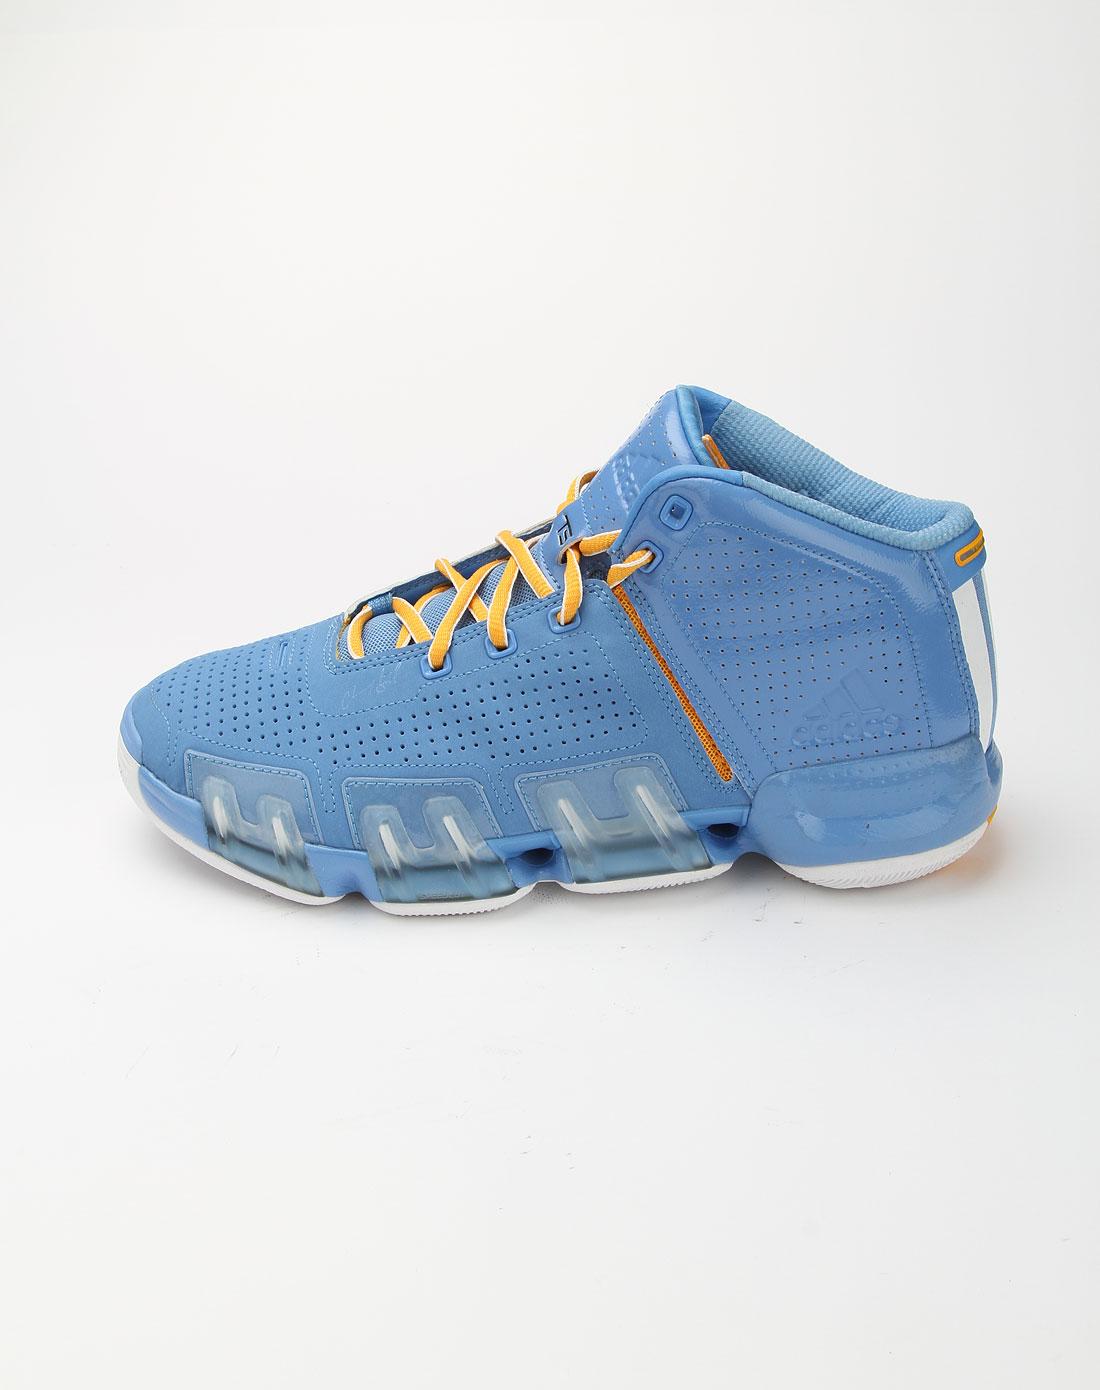 阿迪达斯adidas浅蓝色时尚篮球运动鞋g24492